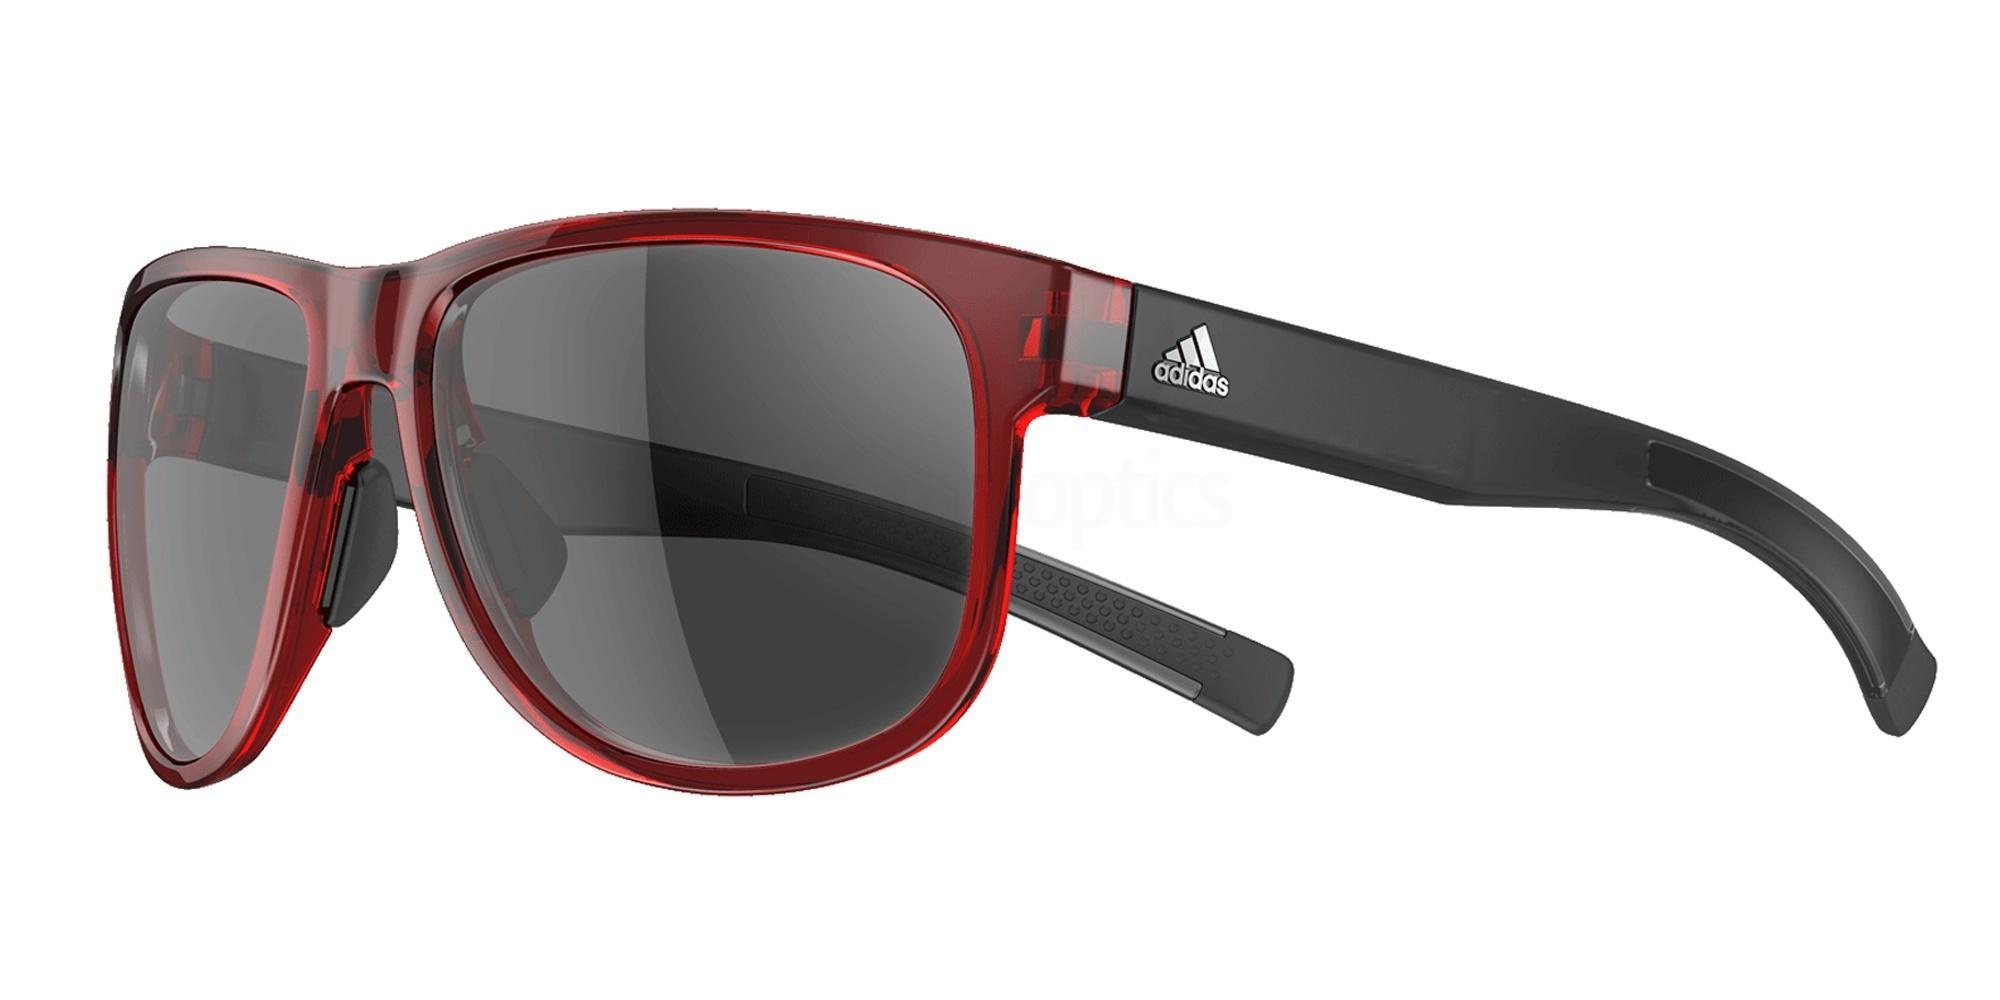 a429 00 6067 a429 sprung , Adidas